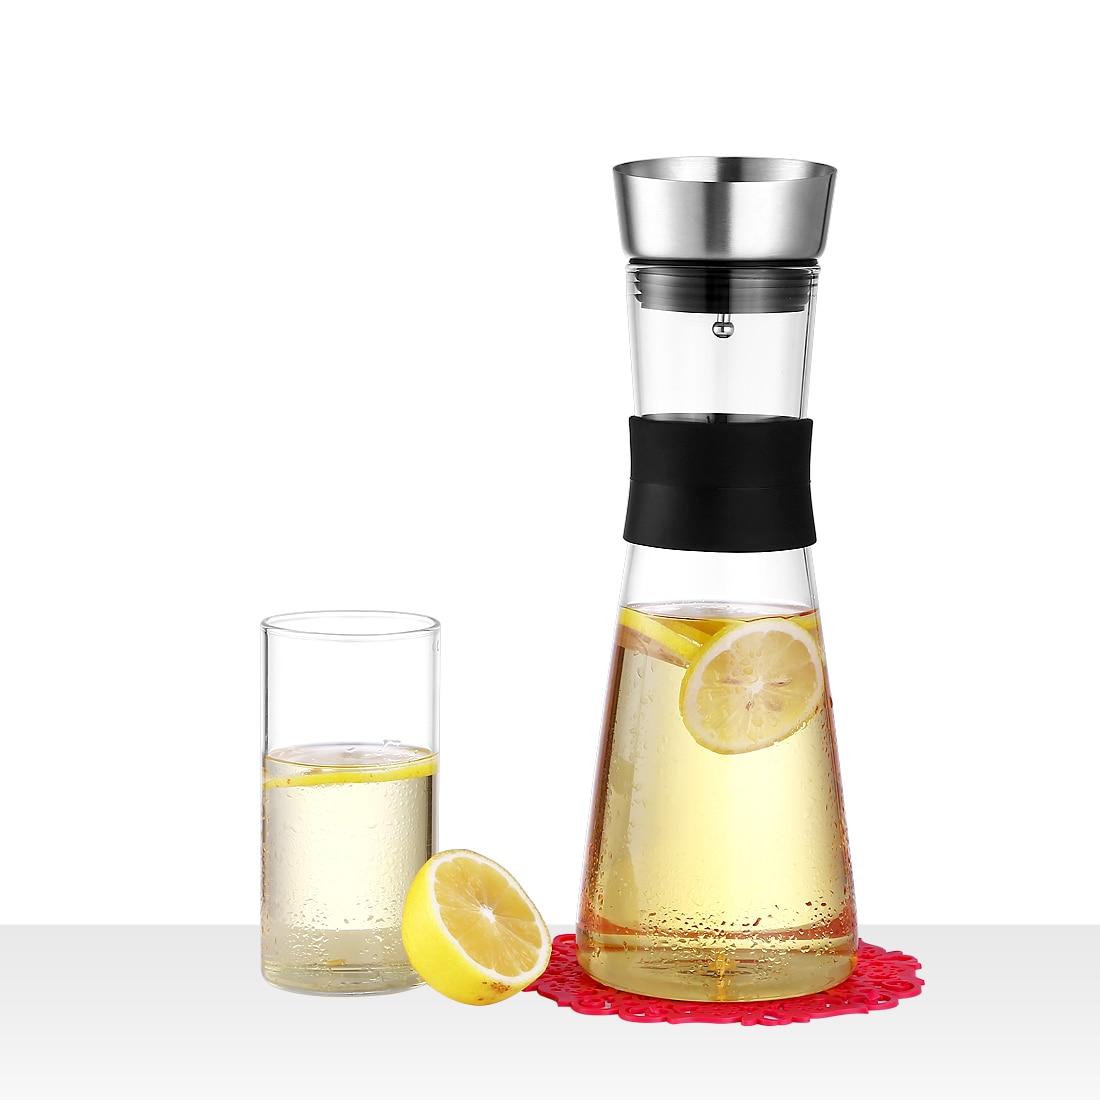 ONEISALL Glas Jug Koffie Sap Pot Huishoudelijke Karaf Pitcher met Rvs Zetgroep Sap Water Container 1L/1.5L-in Transparant van Huis & Tuin op  Groep 1